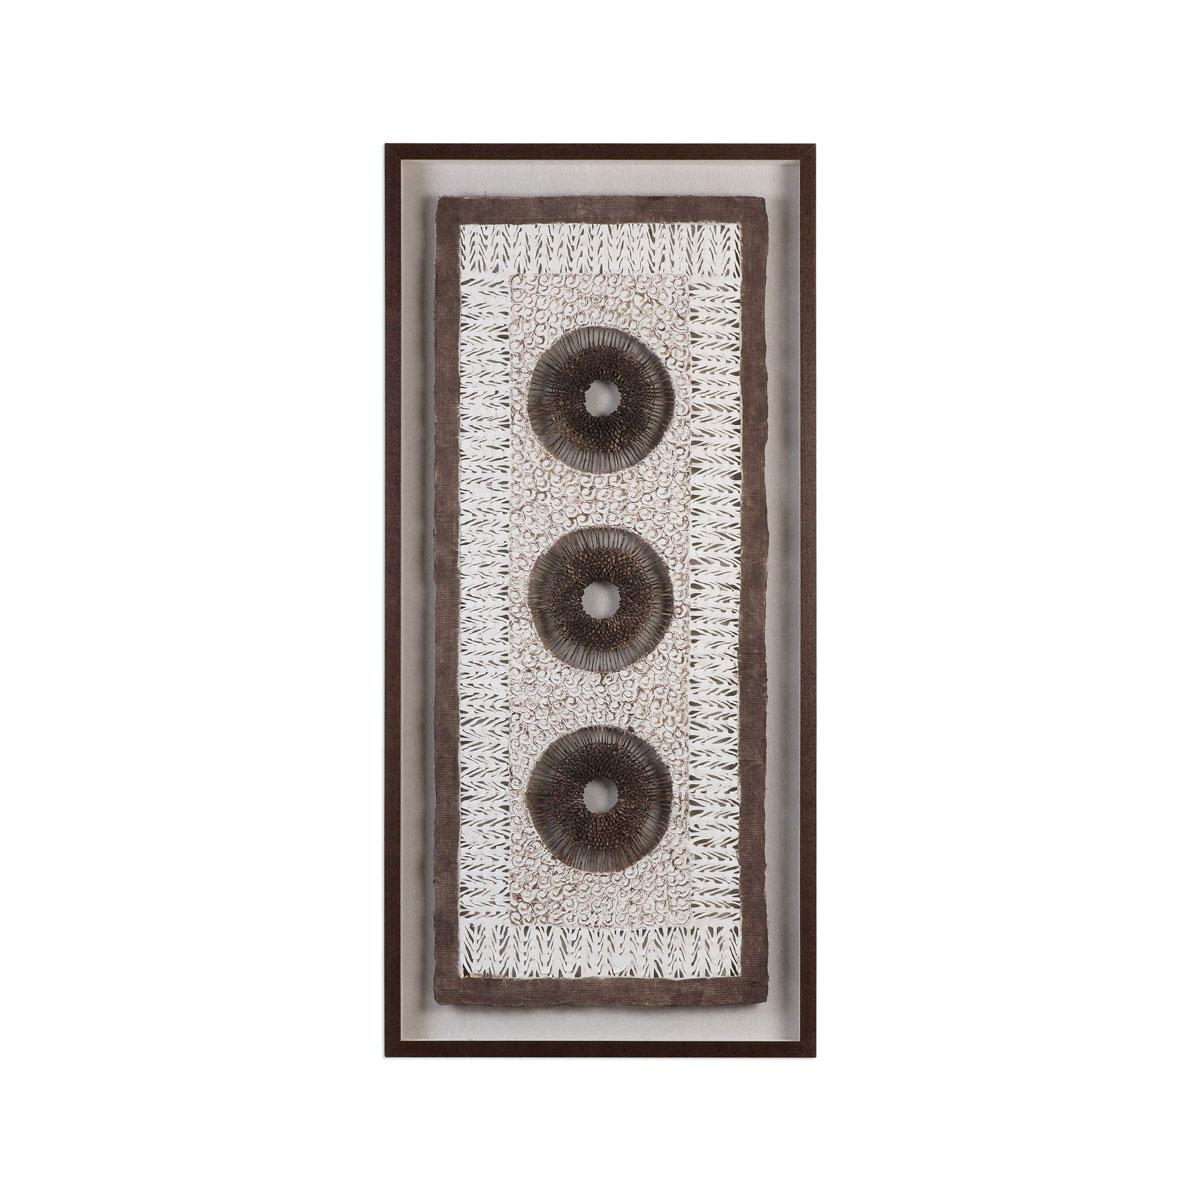 3d Paper Art Shadow Box Wall Art 71cm Luxe Mirror